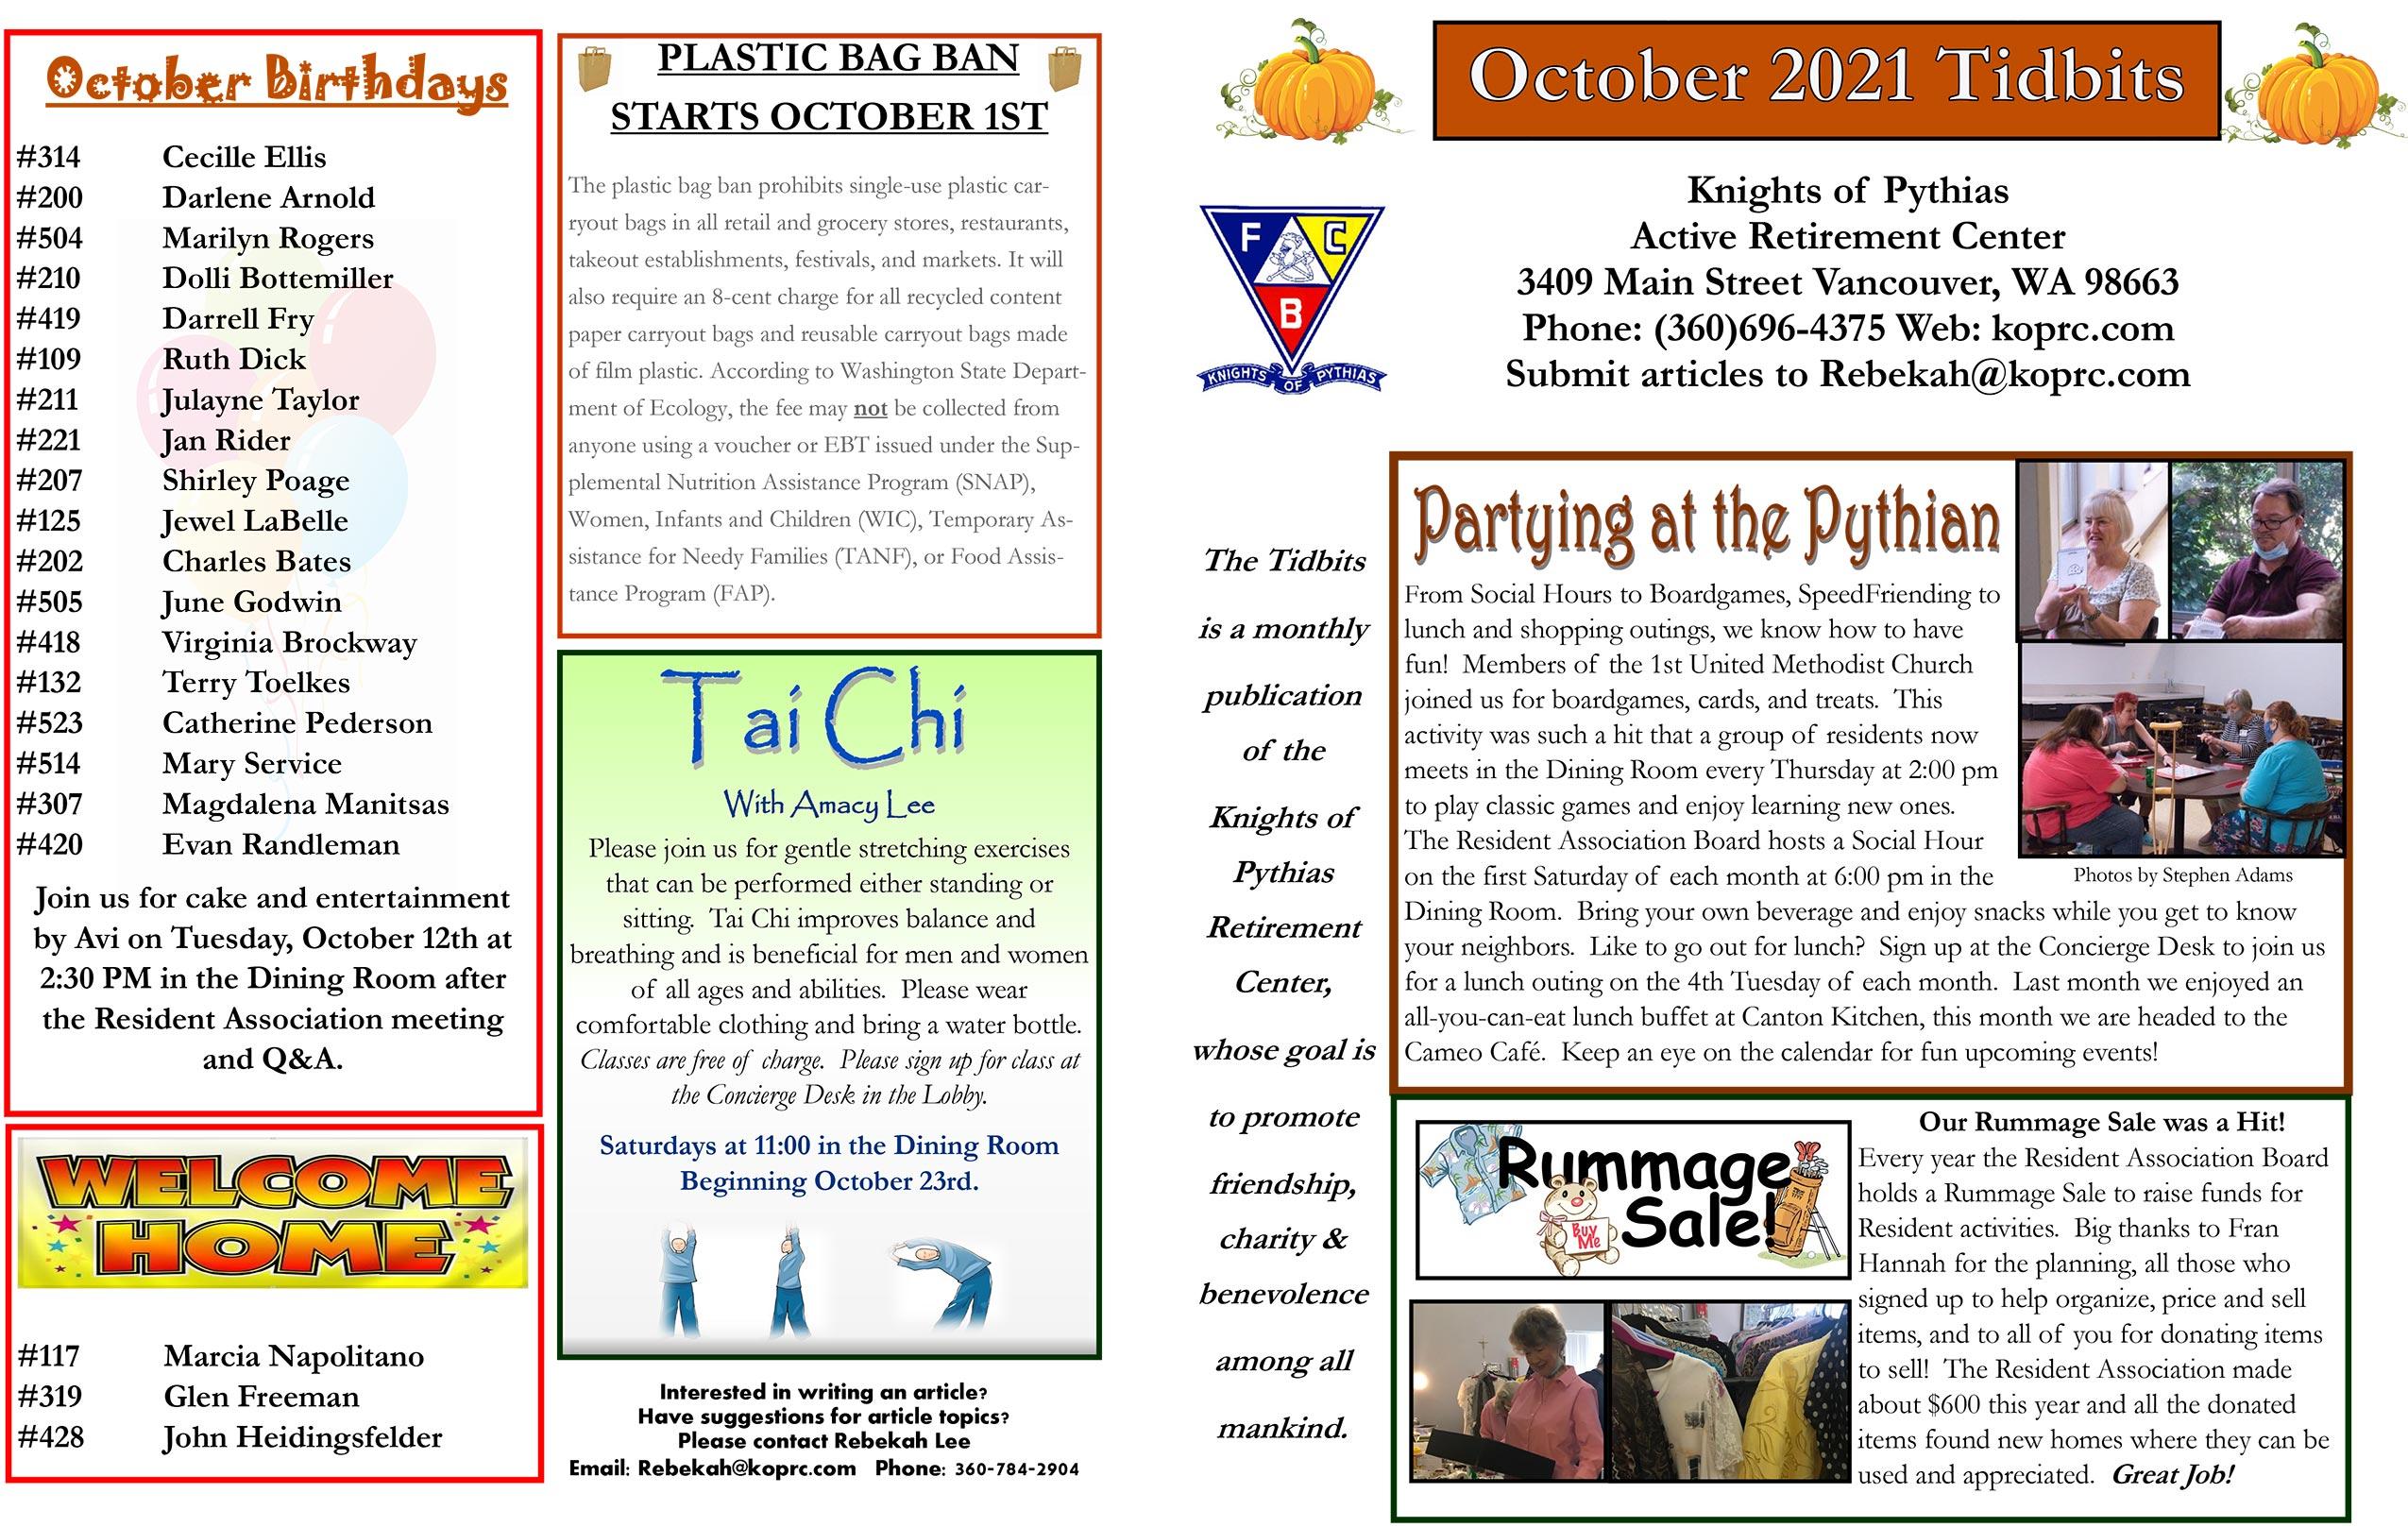 October 2021 Tidbits Page 1